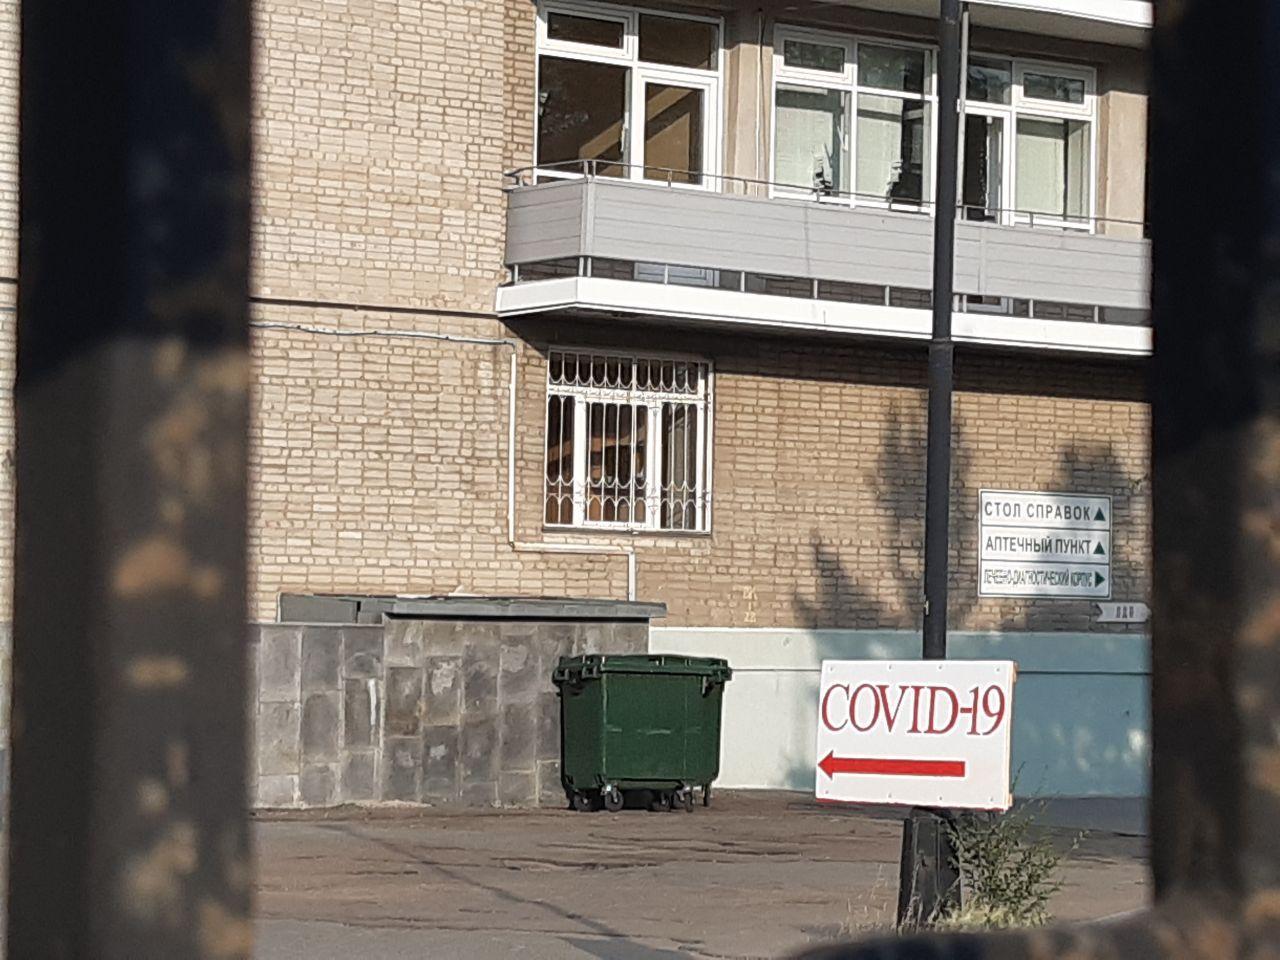 В Омской области зафиксировали рекордный за три недели прирост зараженных COVID-19 #Омск #Общество #Сегодня